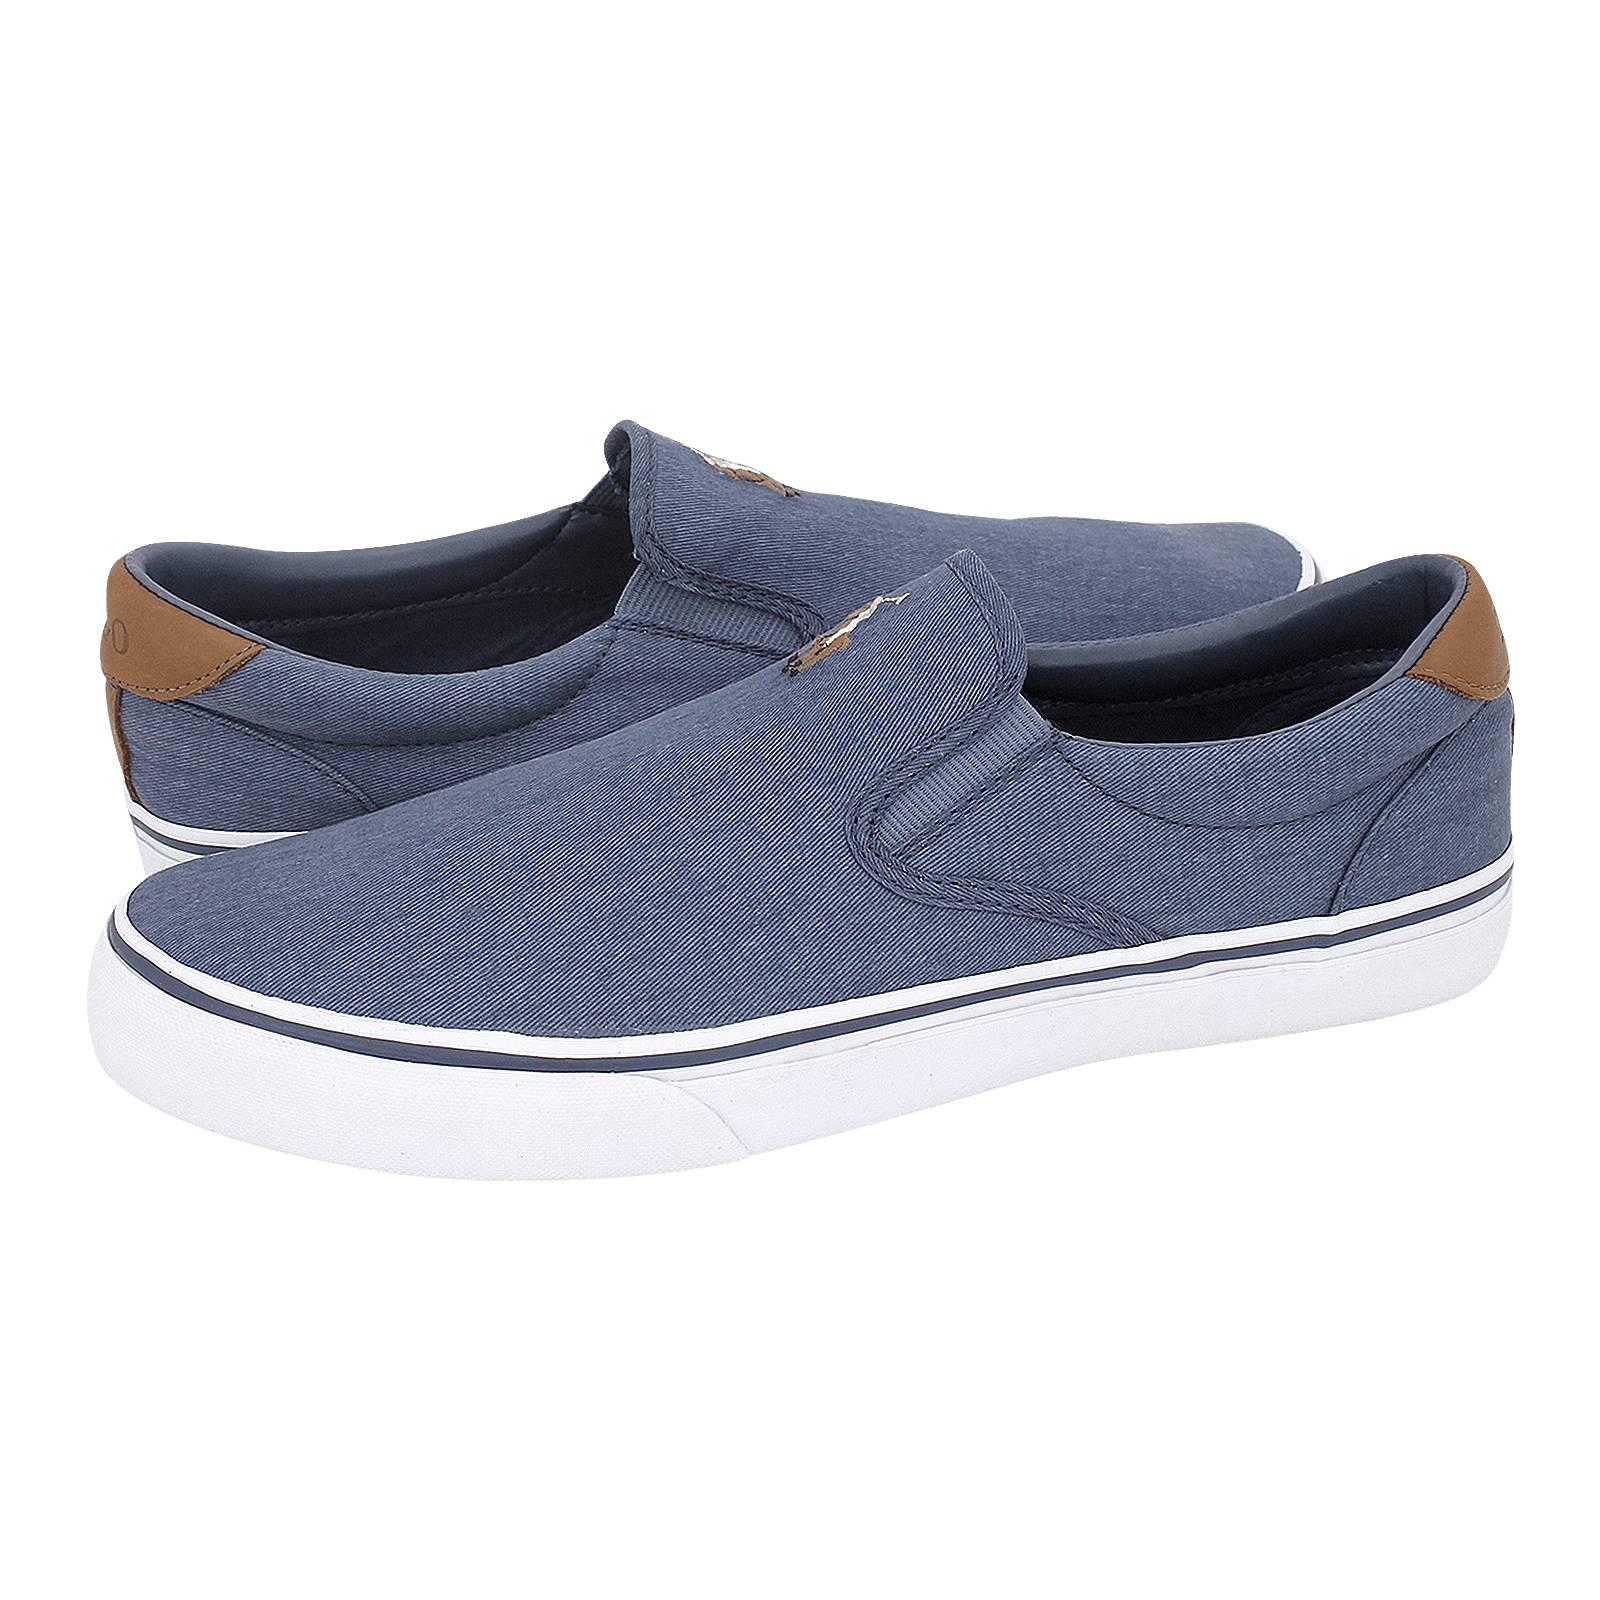 Polo Ralph Lauren Men's casual shoes